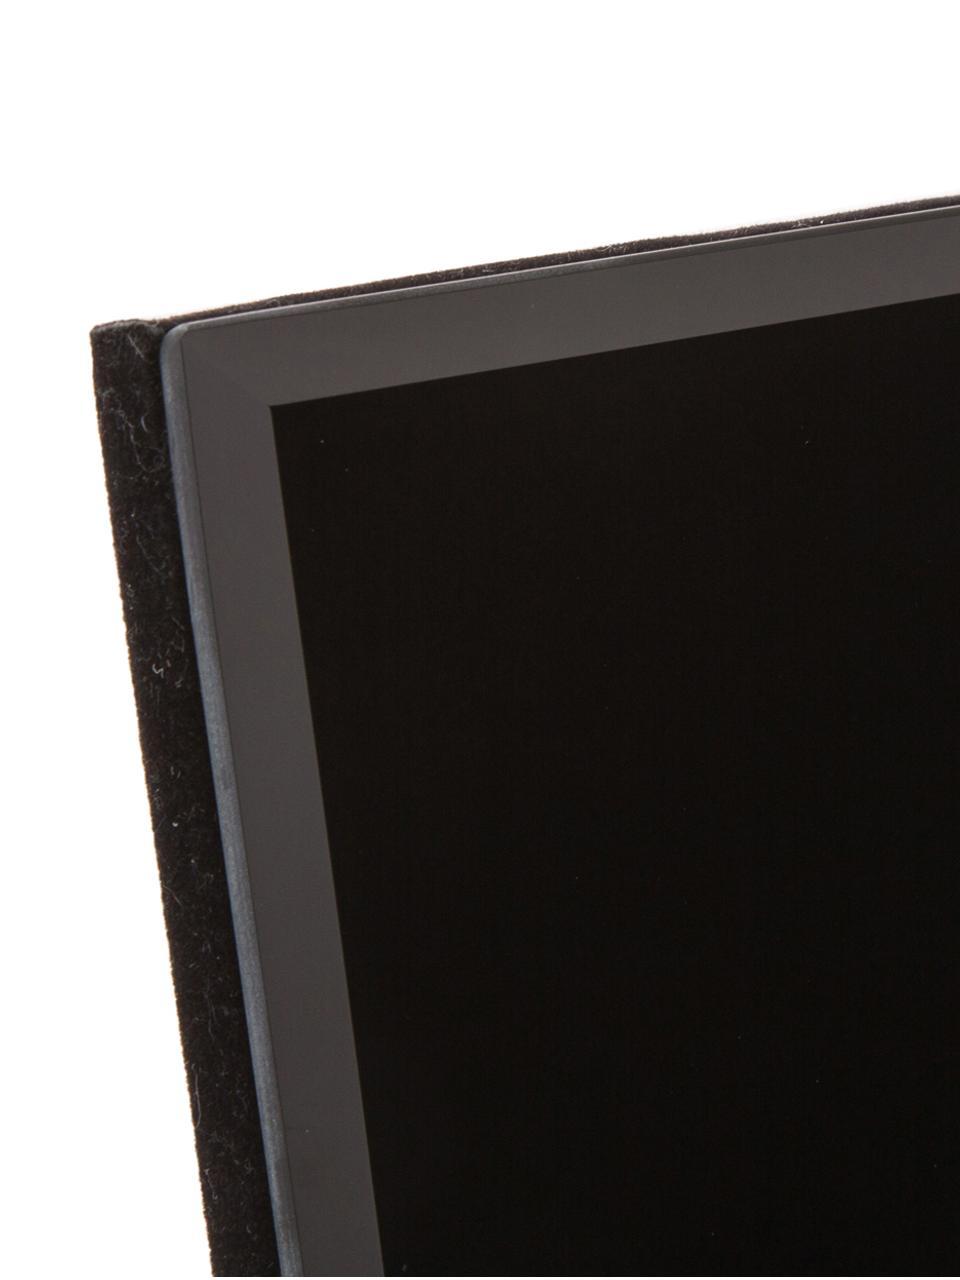 Ramka na zdjęcia Black Austin, Czarny, 10 x 15 cm